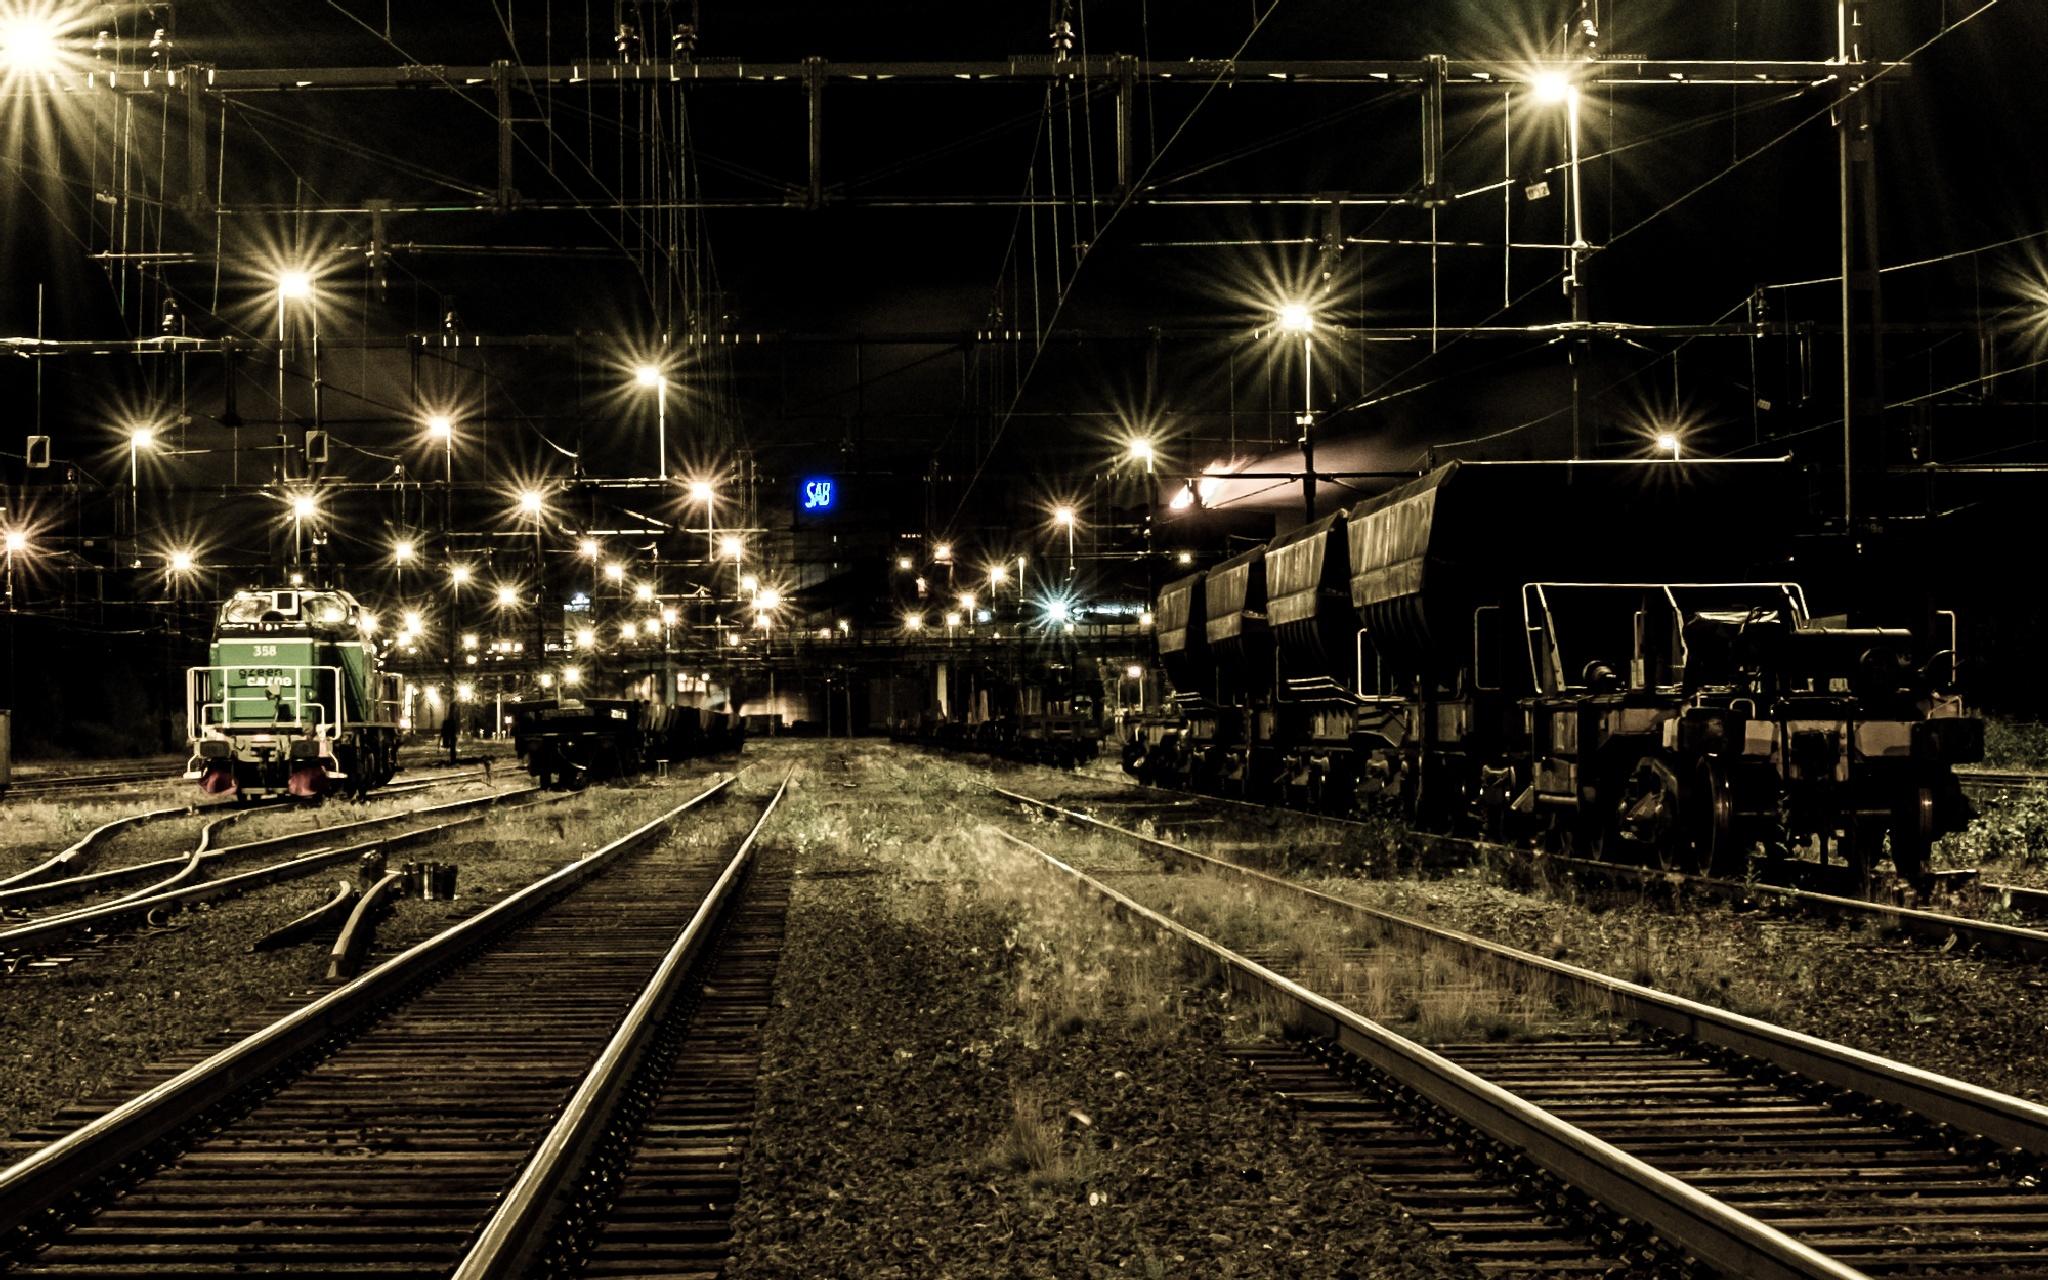 Railroad by larsolov.gardelid